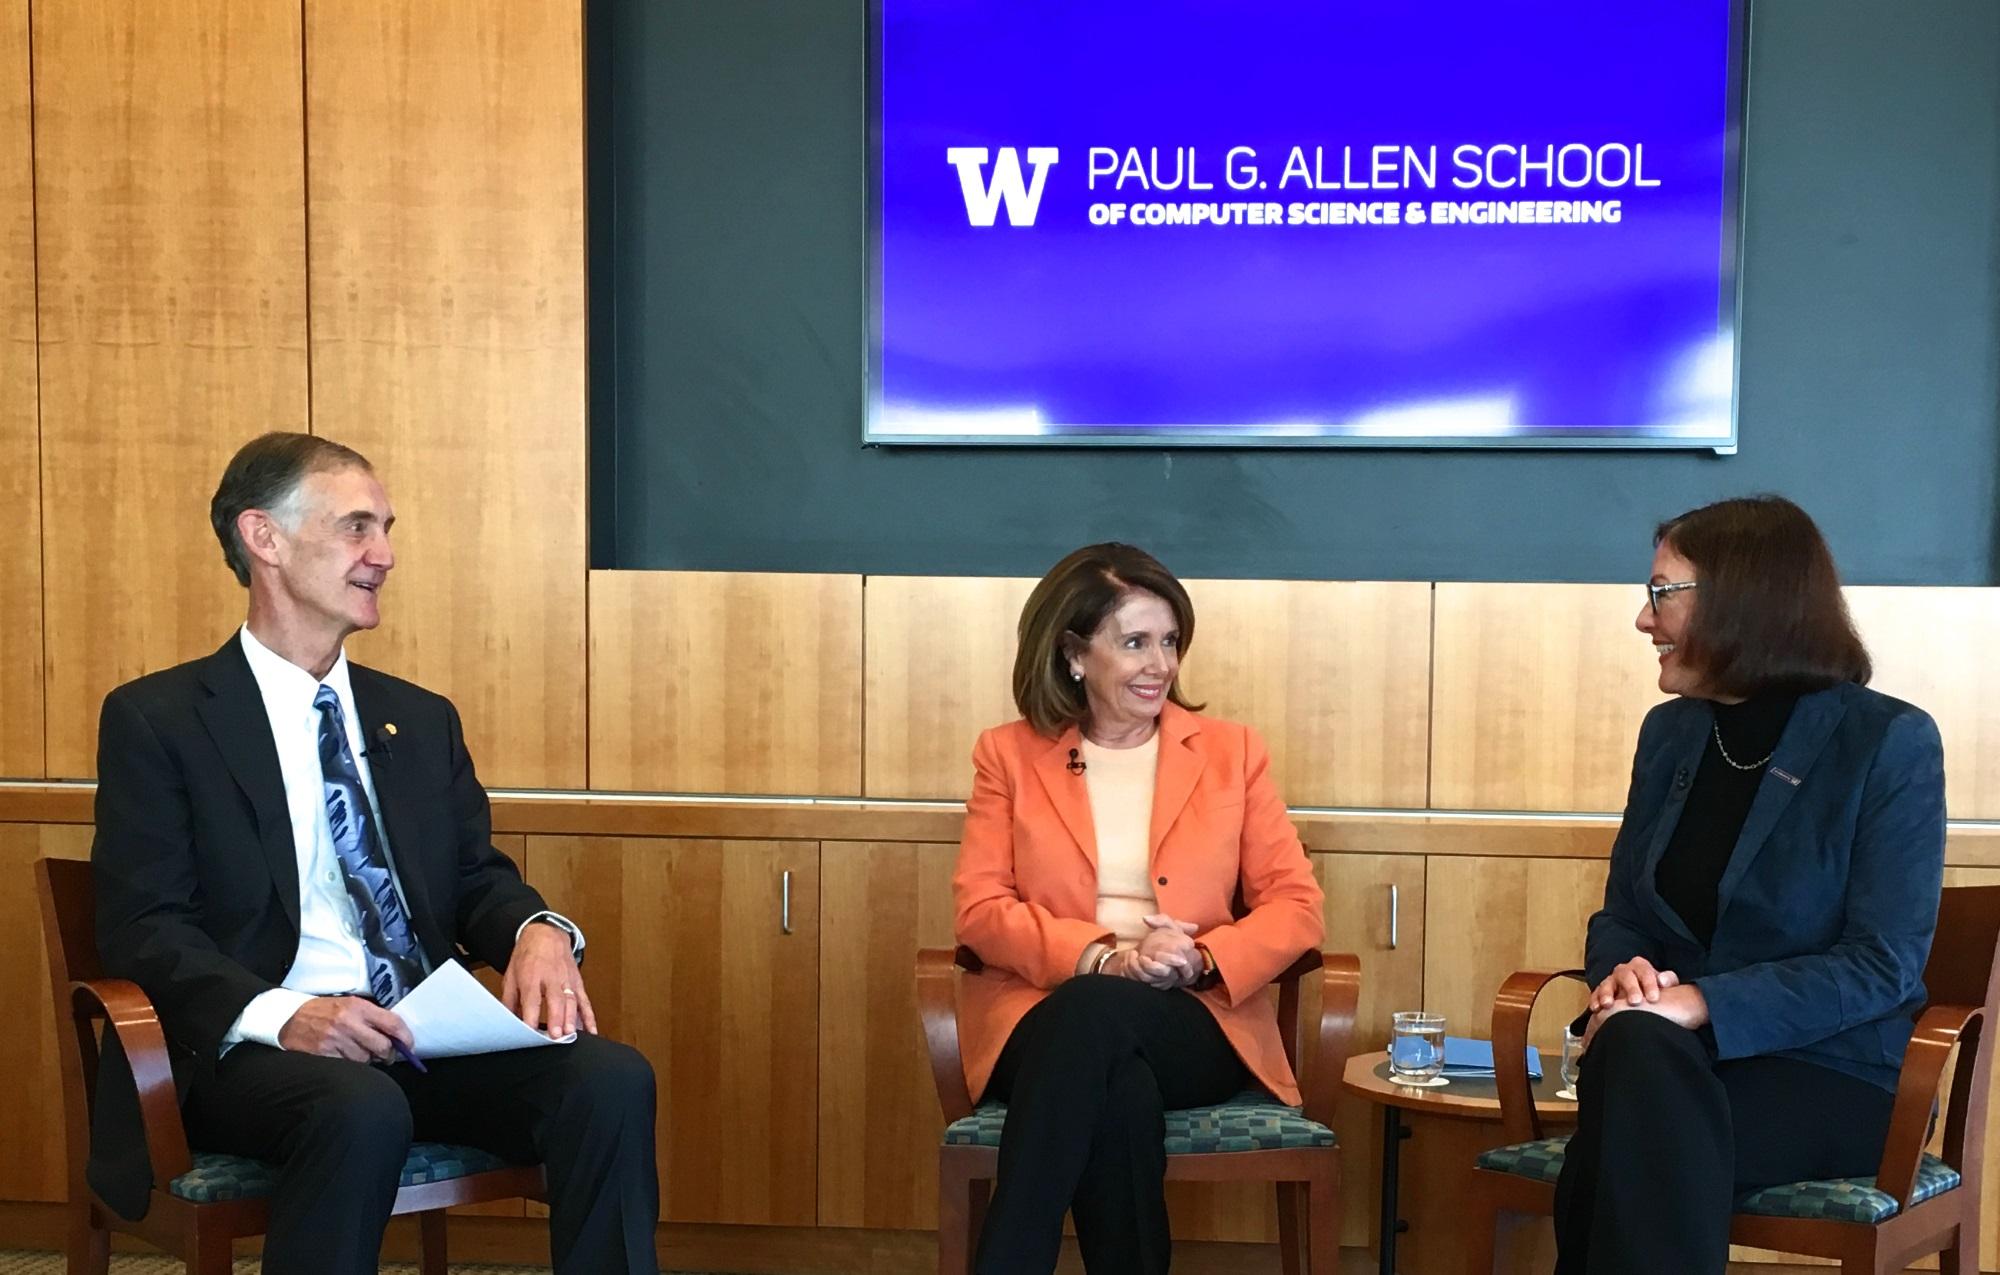 Representatives Pelosi and DelBene: 'No tolerance' for culture of harassment